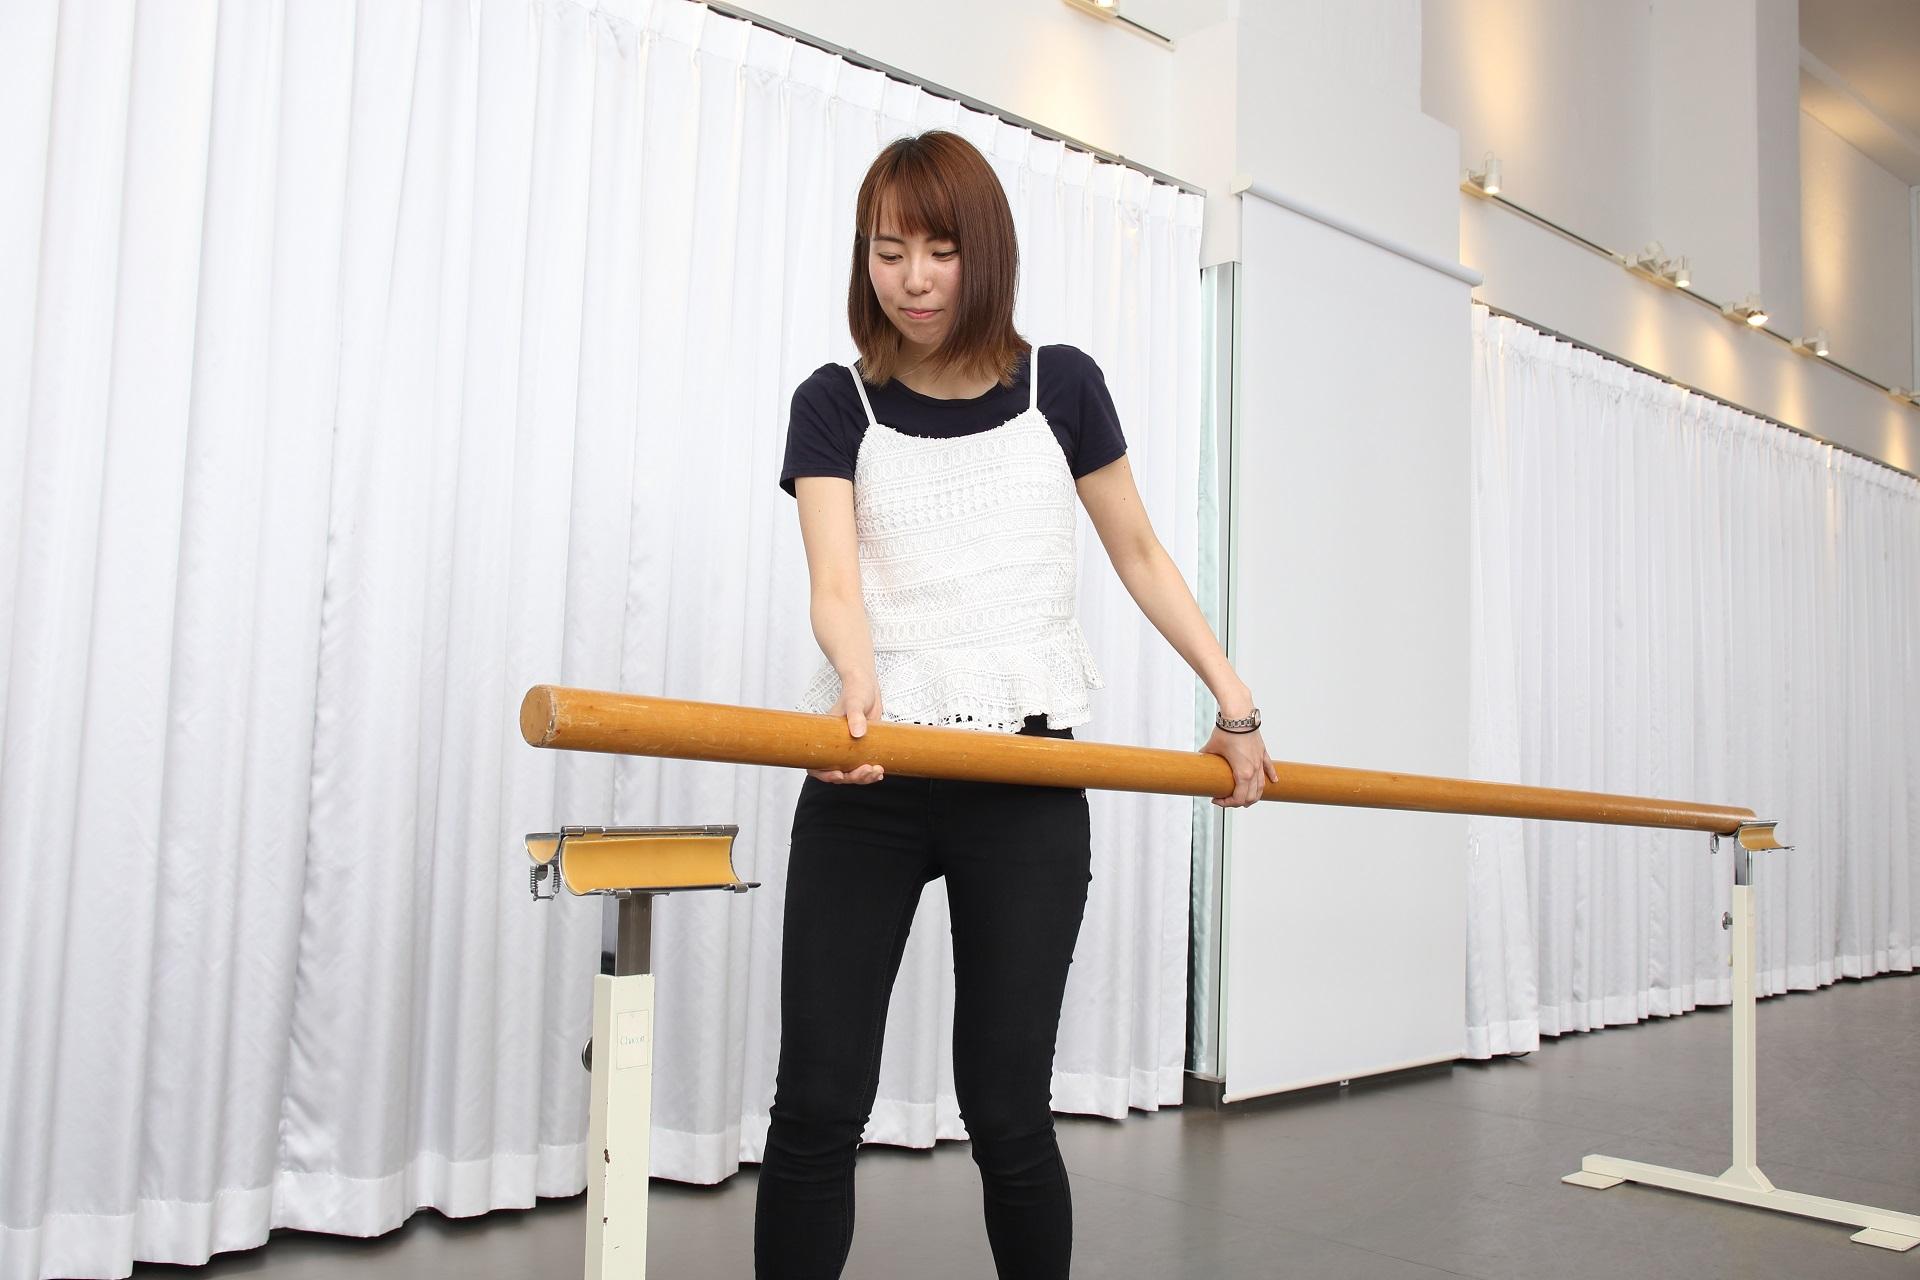 ダンス・演劇スタジオ「ノアスタジオ」がスタッフを大募集!